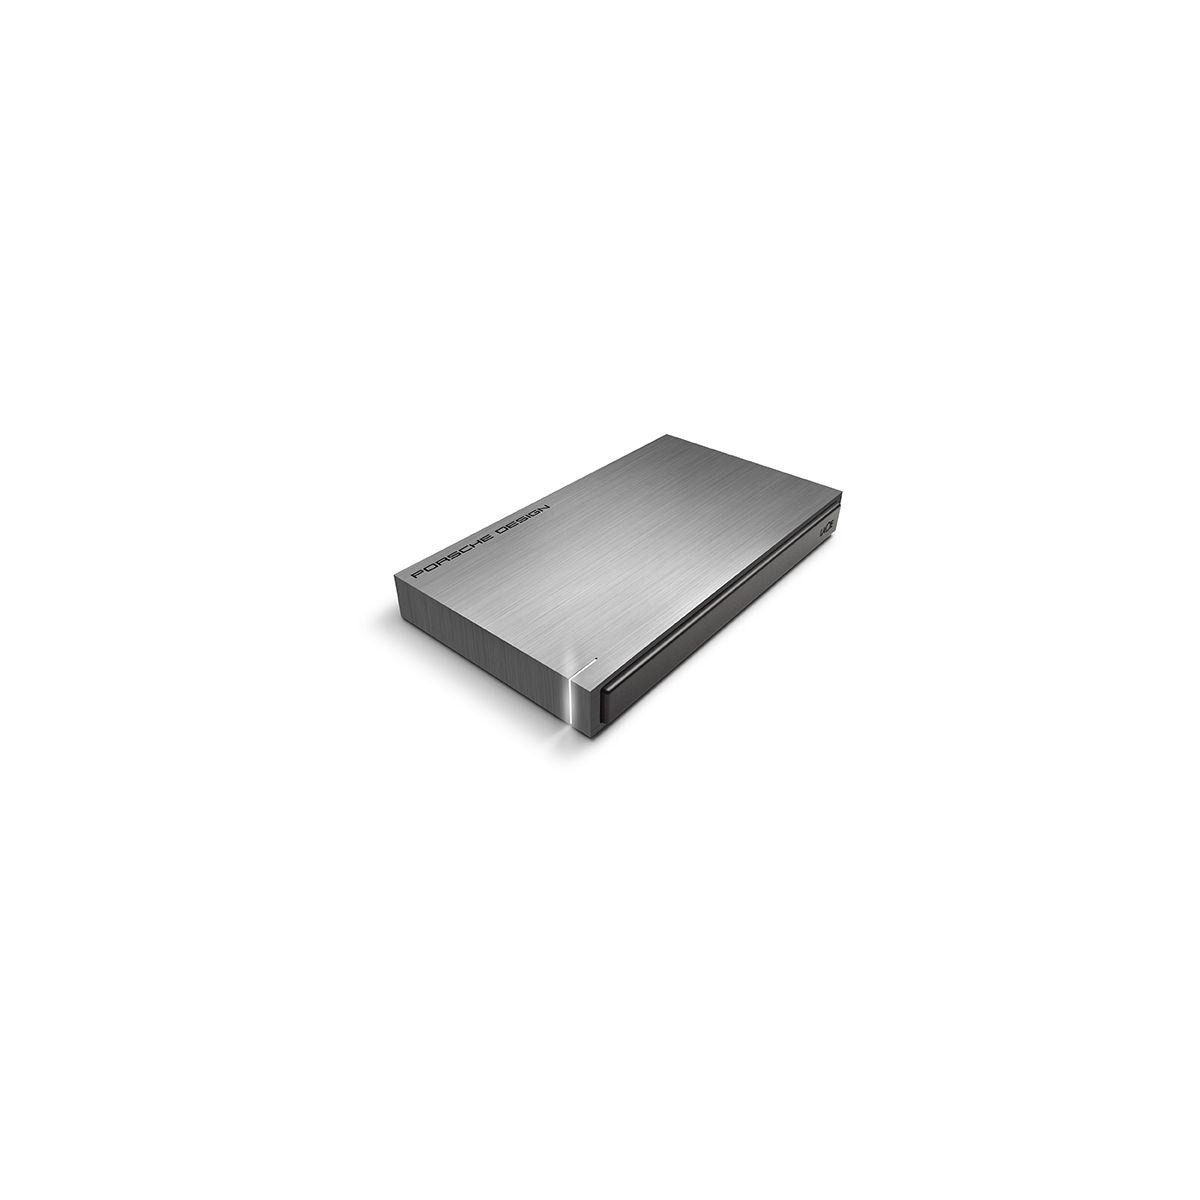 Disque dur externe de poche LACIE 301998 2,5 USB 3.0 Porsche Design 500Go